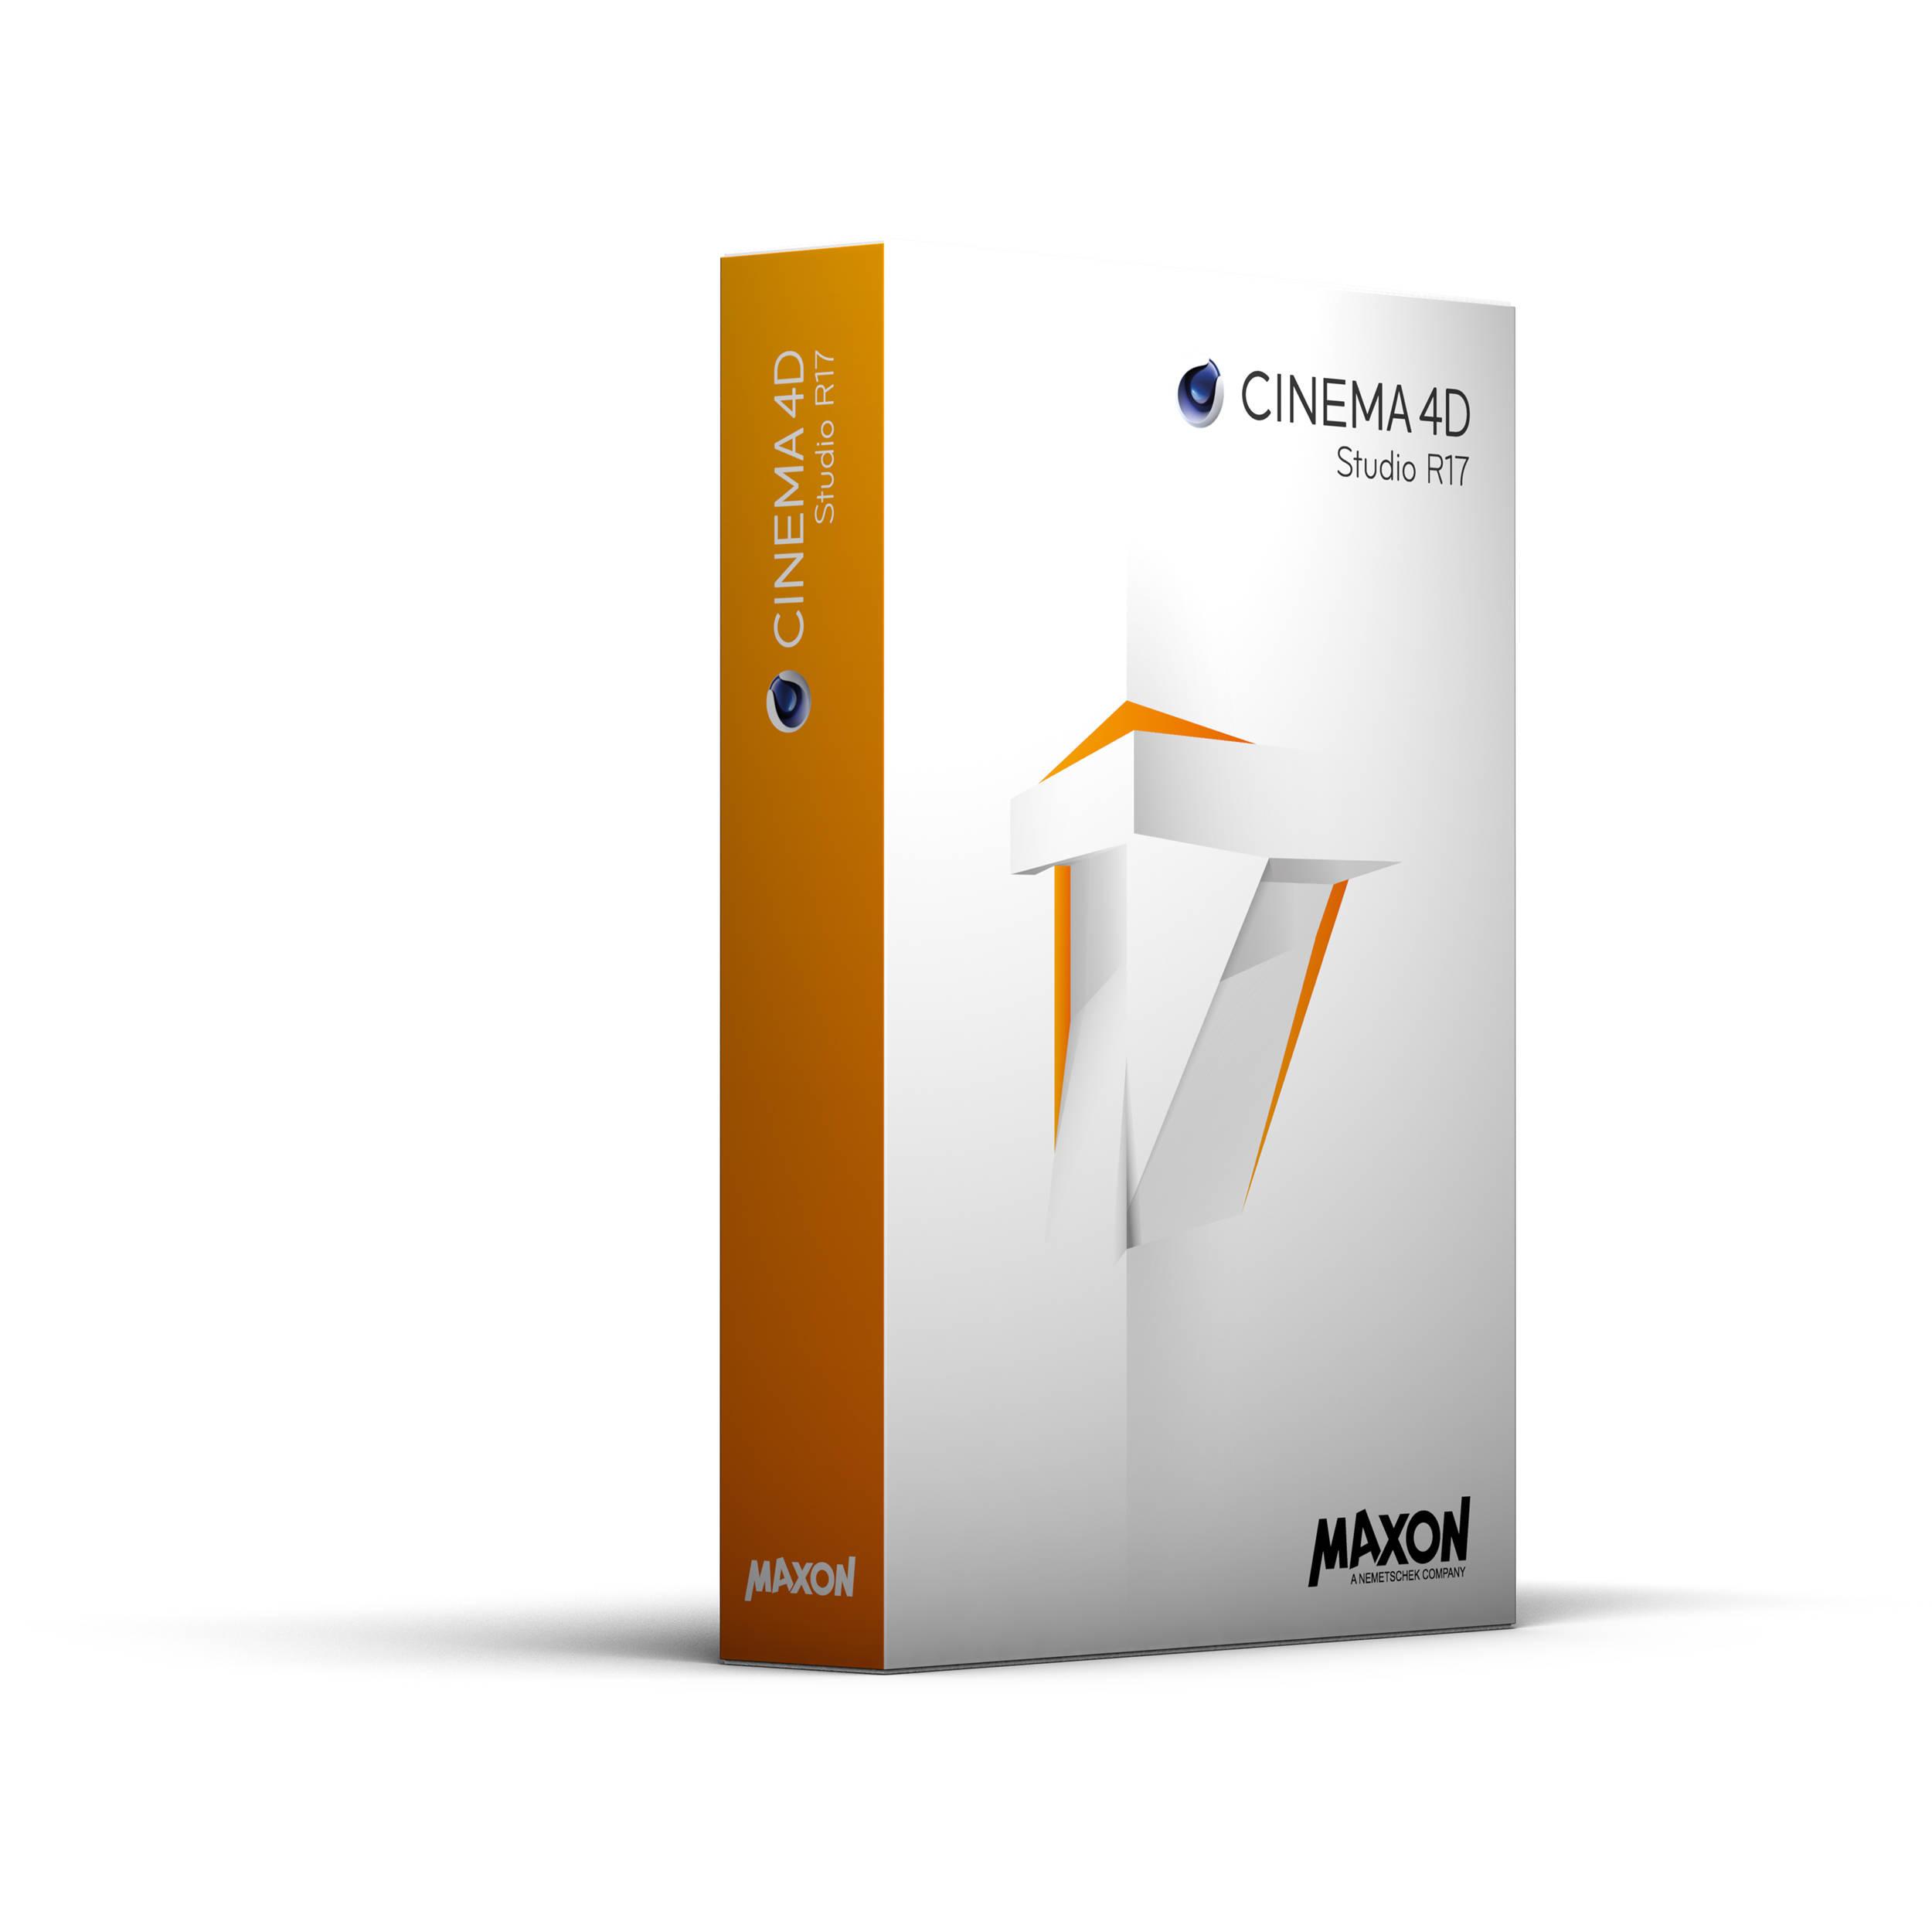 maxon cinema 4d prime r17 upgrade from prime c4d n 16up17 18. Black Bedroom Furniture Sets. Home Design Ideas